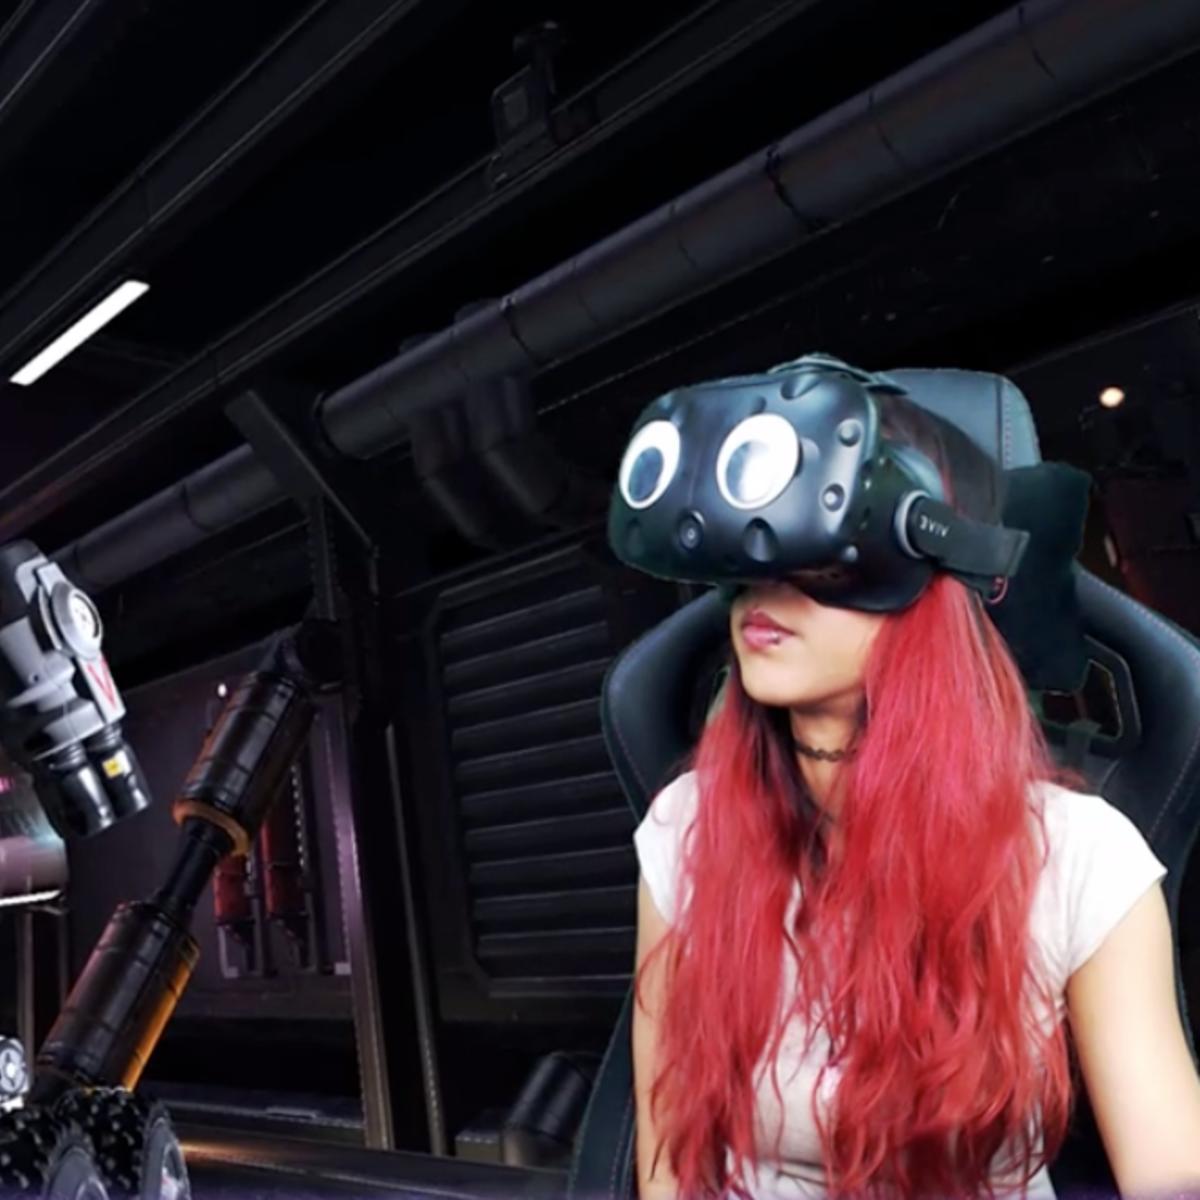 CyborgAngel